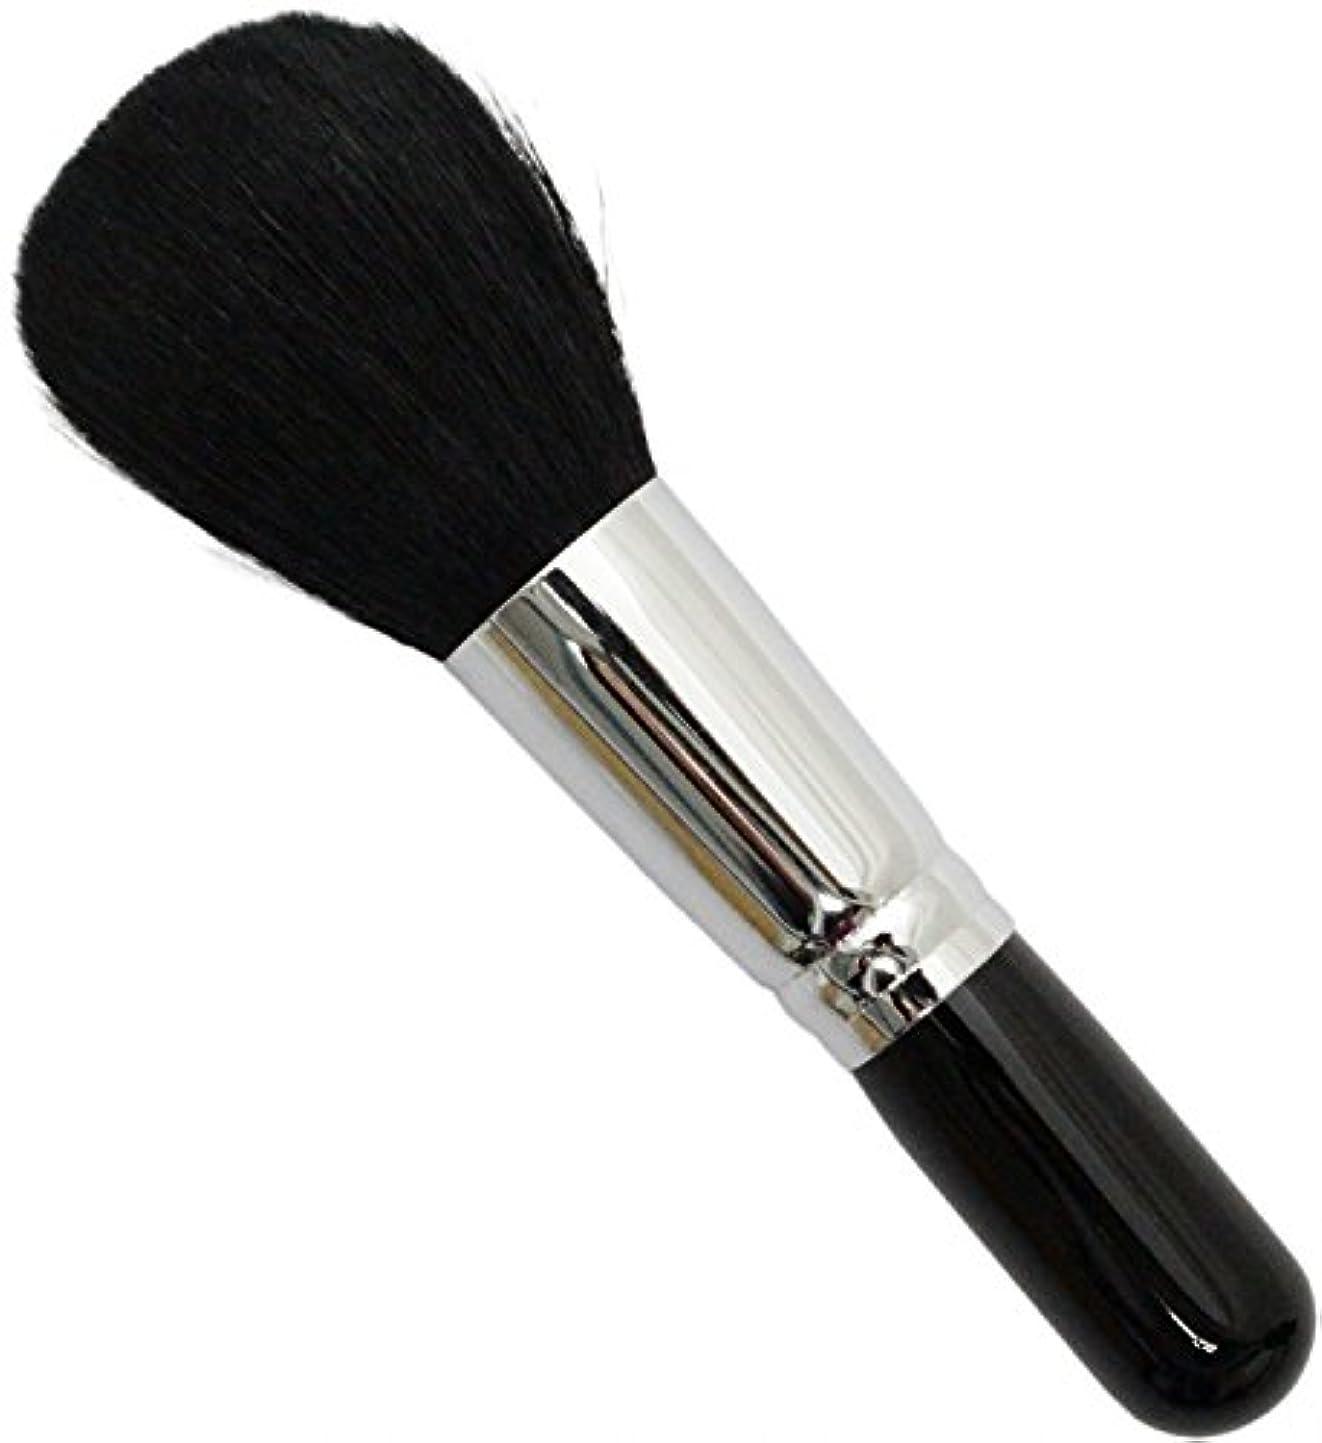 論争の的シプリー付ける熊野筆 メイクブラシ SRシリーズ パウダーブラシ 大 山羊毛